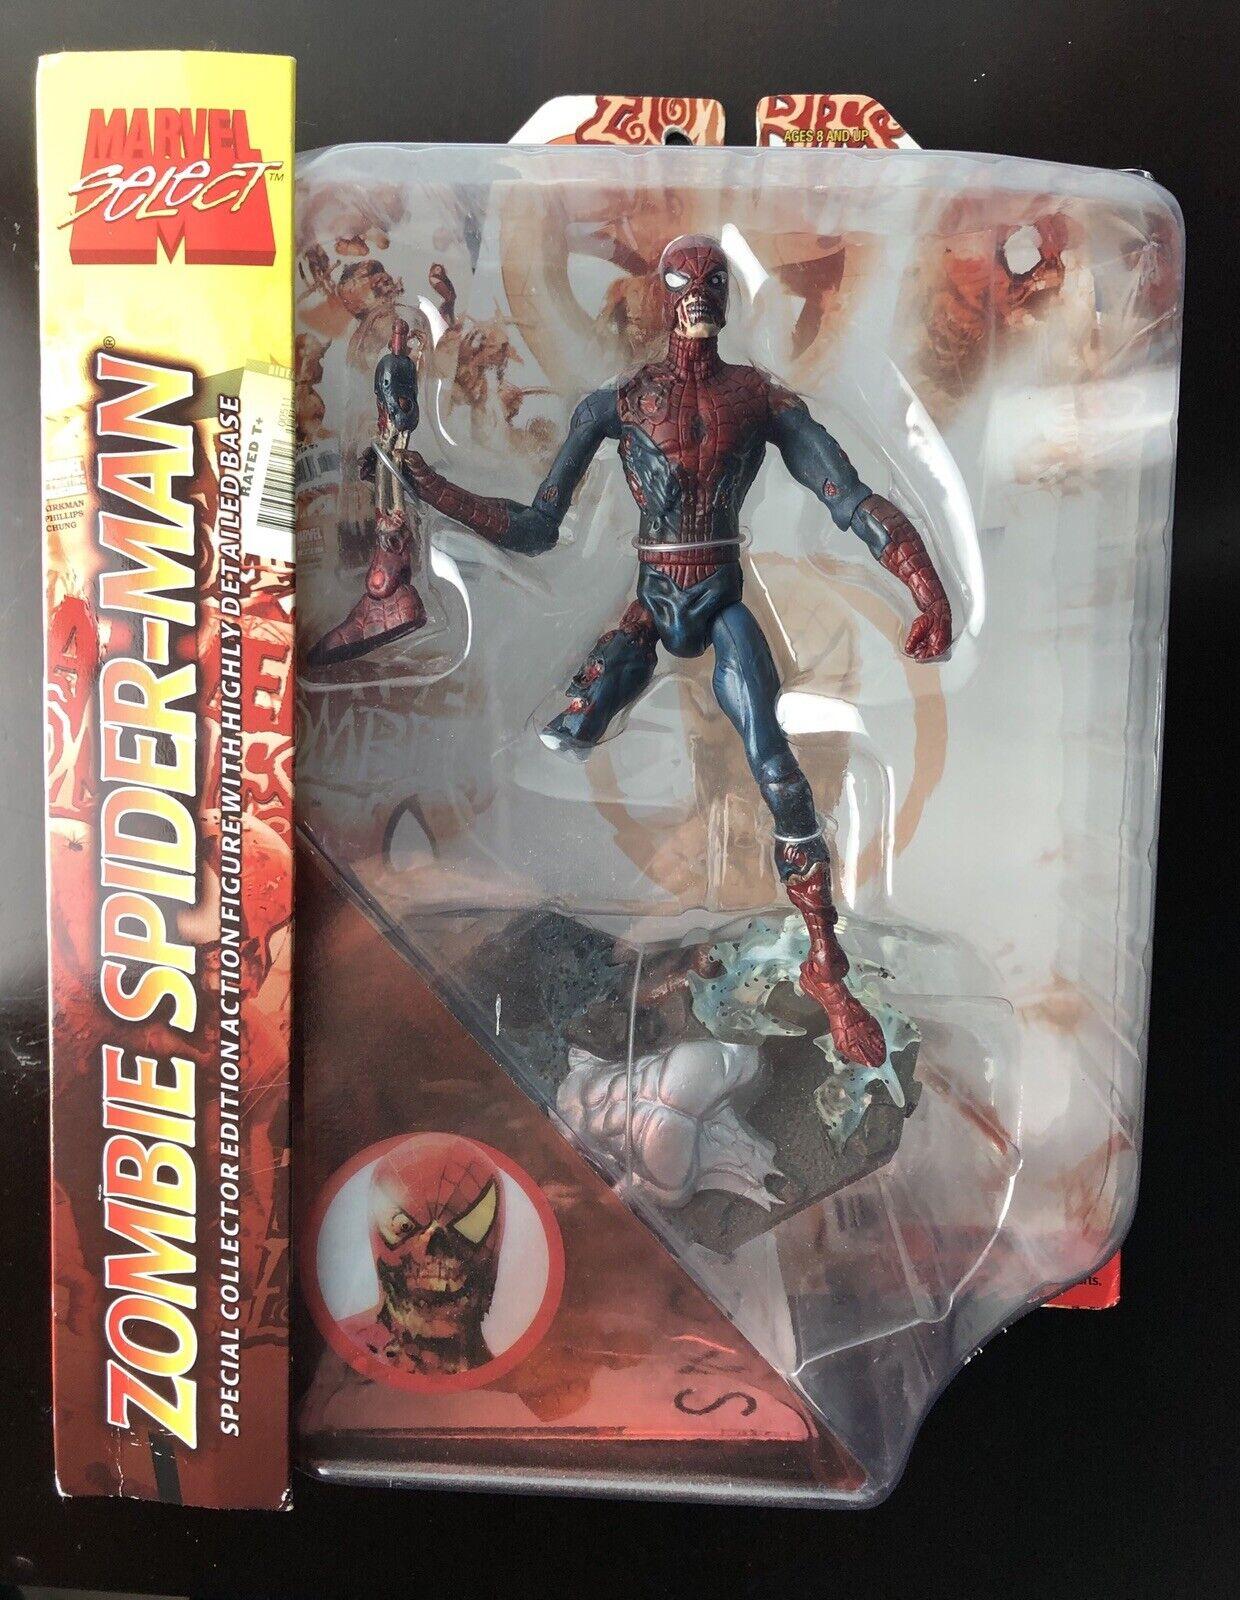 ZOMBIE SPIDERuomo Marvel Select specialee Collectors edizione azione cifra 2007